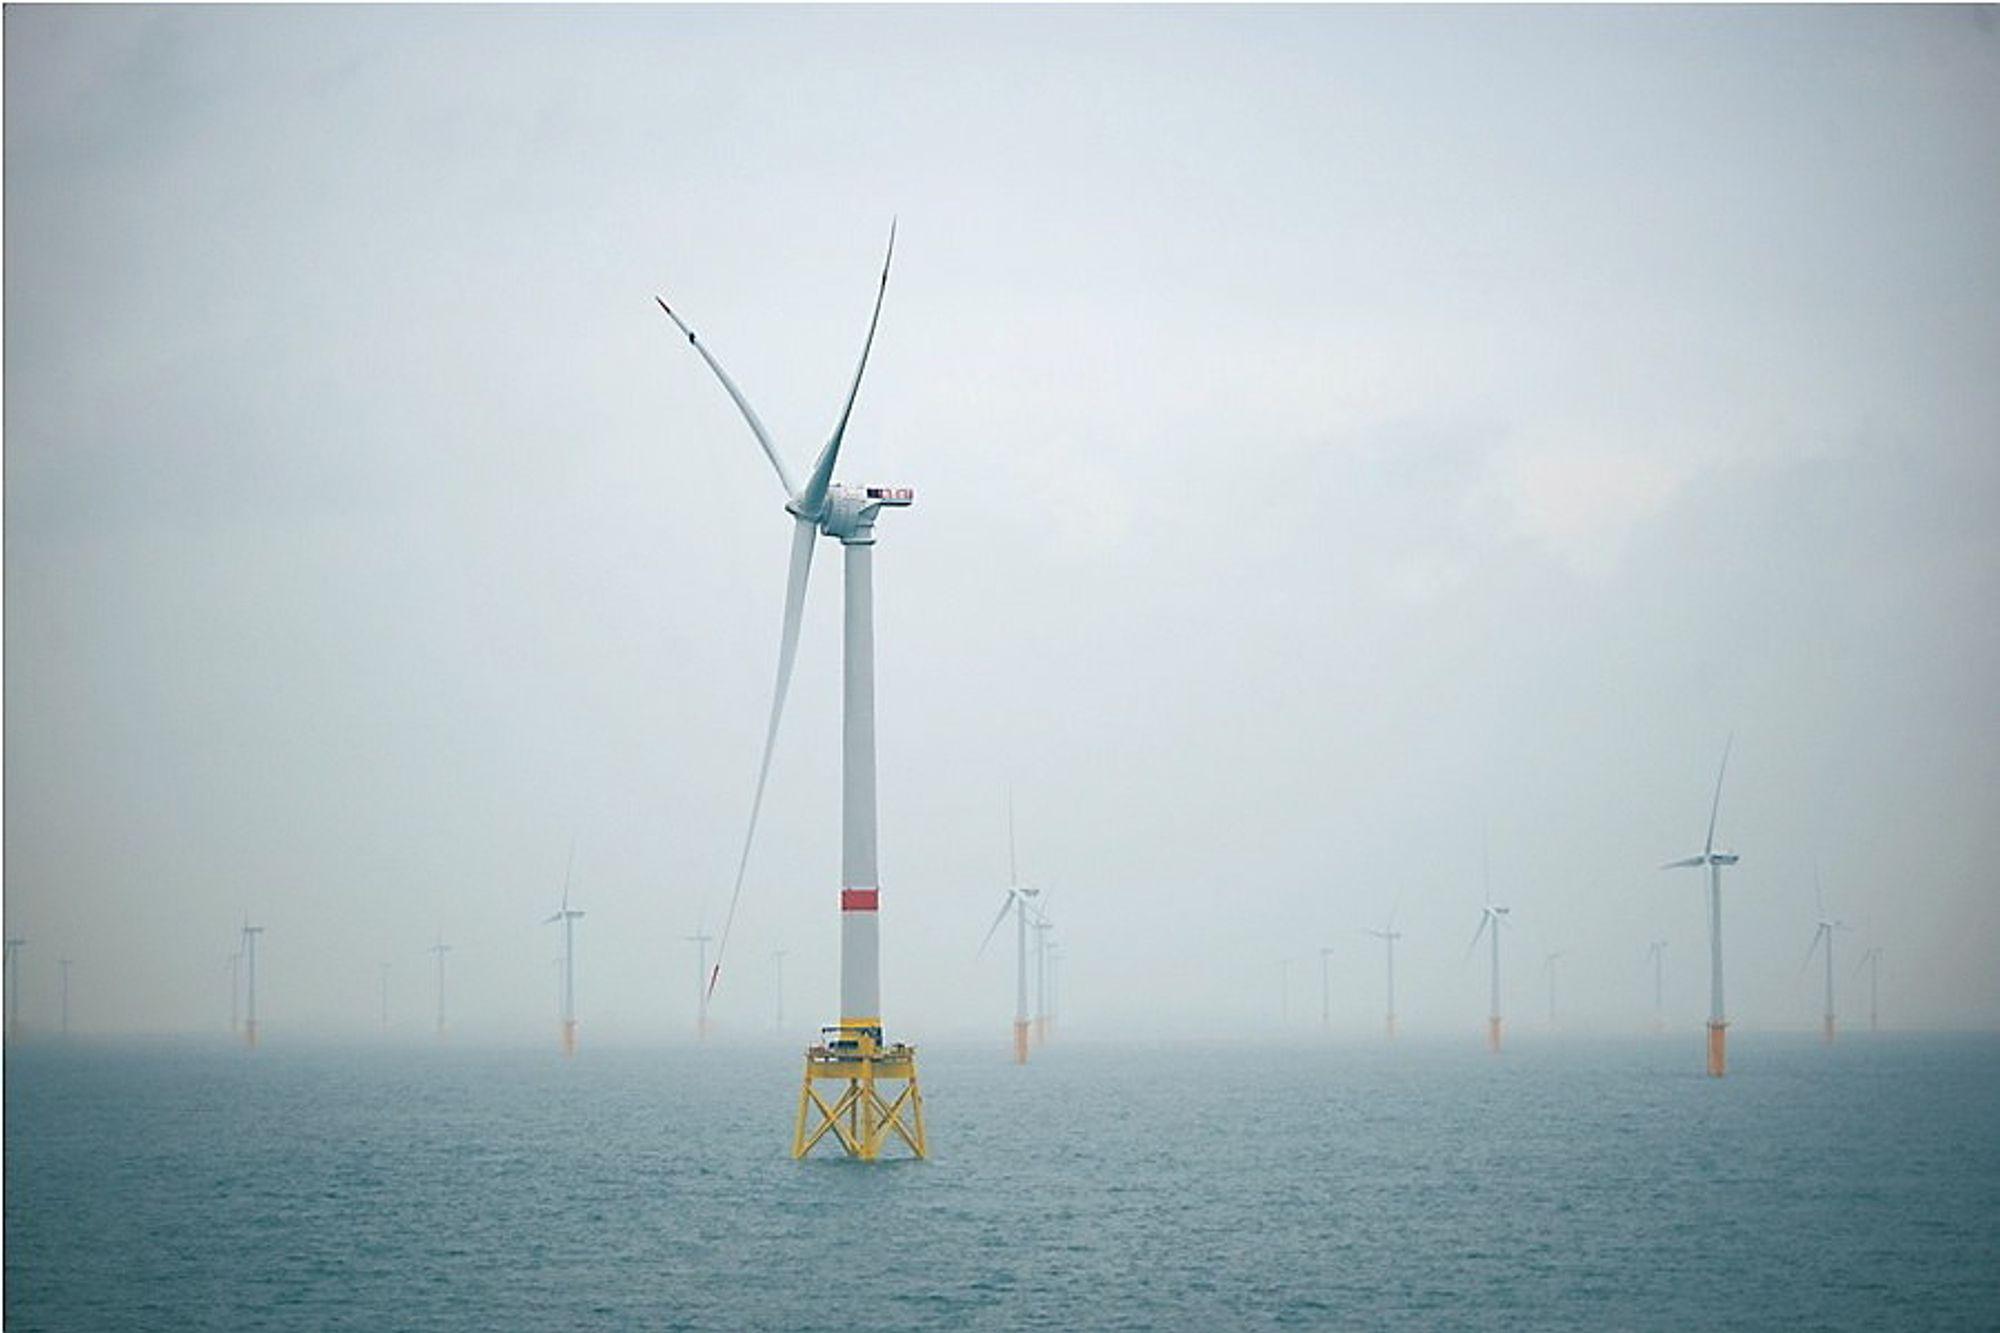 Leverer til havvindindustrien: En rekke norske bedrifter leverer varer og tjenester til havvindindustrien på kontinentet, men konkurrerer ikke på like vilkår, ifølge Sintef. Denne havvindmøllen, en av verdens største havvindturbiner (6MW), ble installert av Fred. Olsen Windcarrier ifjor utenfor den belgiske kysten.